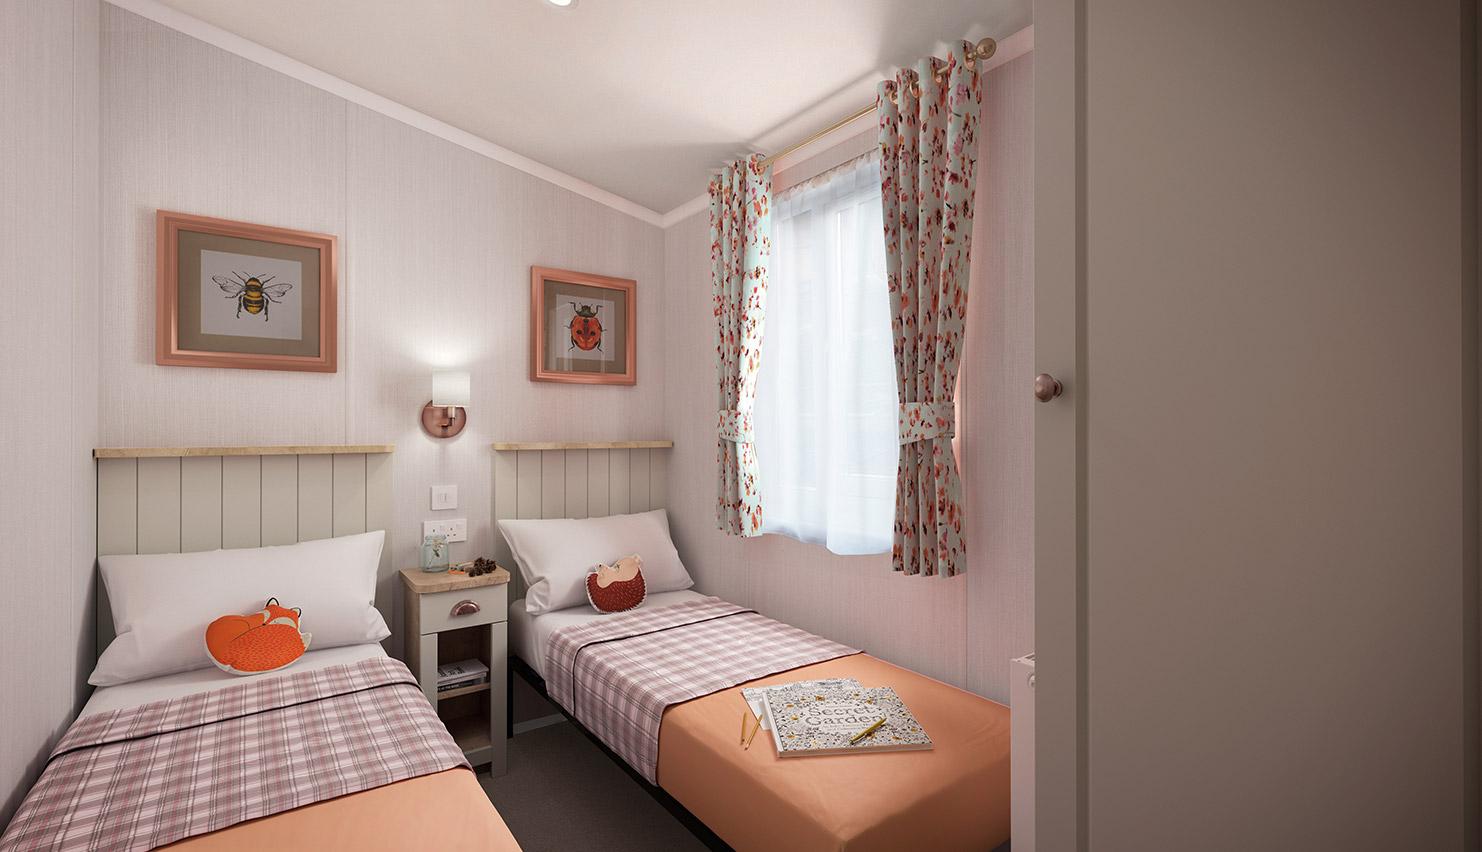 Vendee - 40x12 twin bedroom